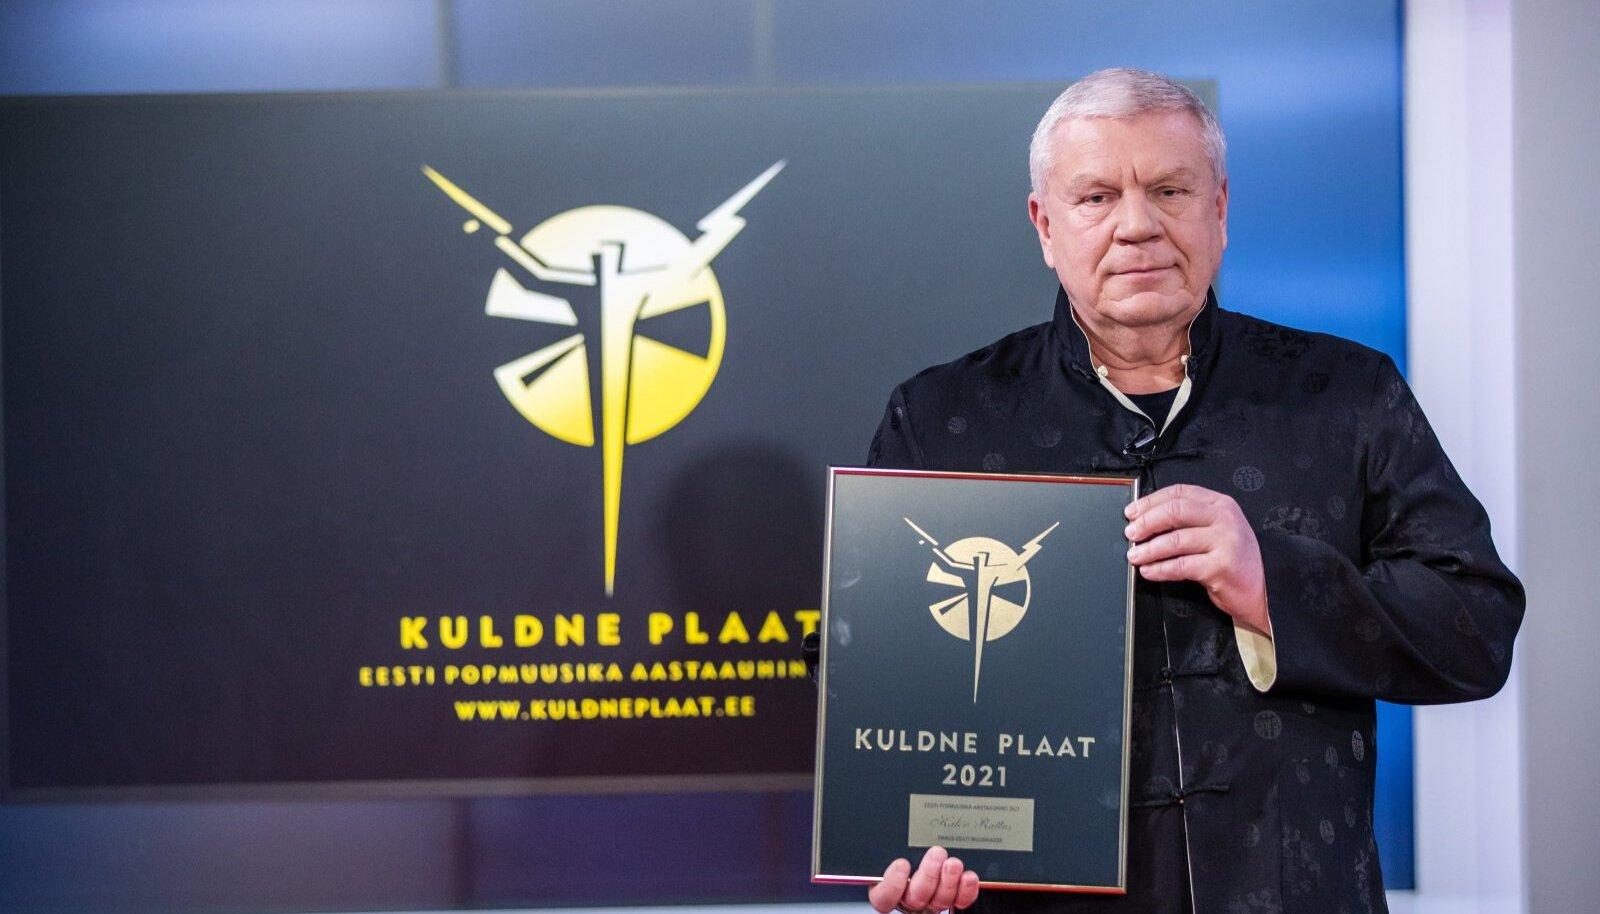 VISA VÕITLEJA: Kalev Rattus sai 2021. aastal Kuldse Plaadi tänutäheks oma töö eest Eesti autorite esindamisel.